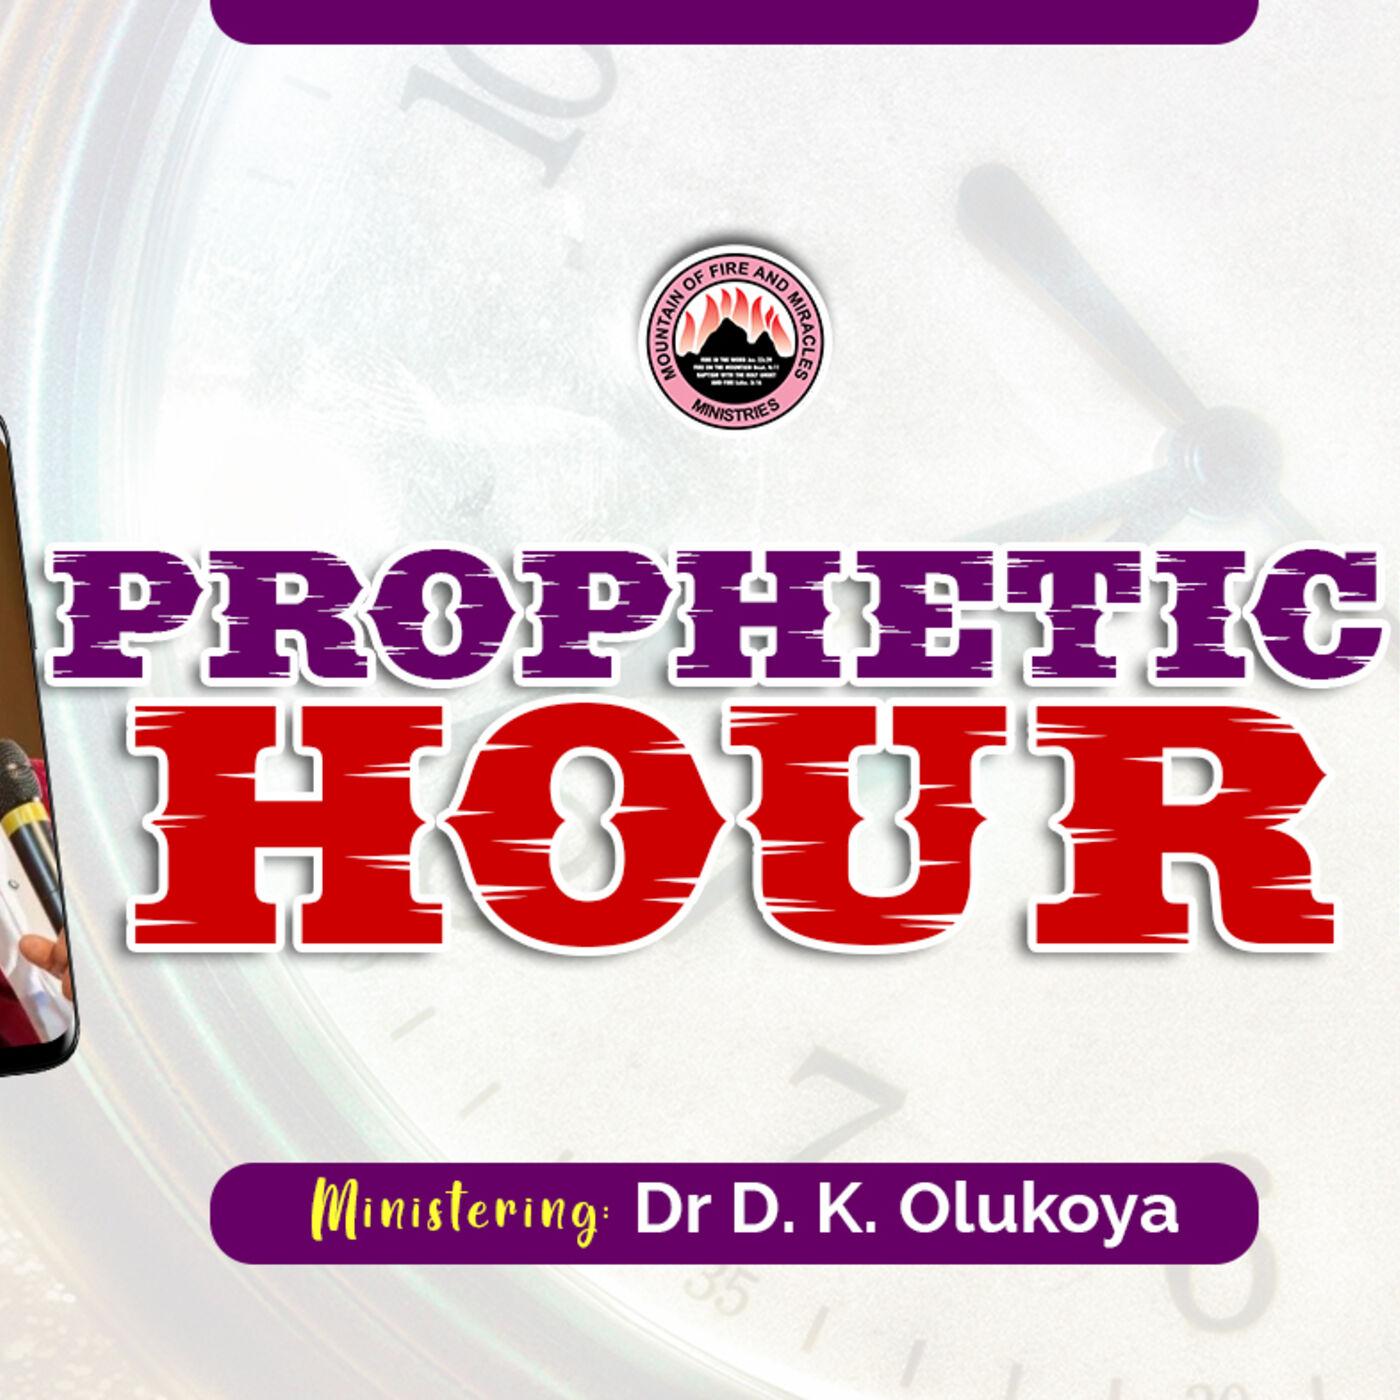 Prophetic Vitamin 7- Dr D. K. Olukoya